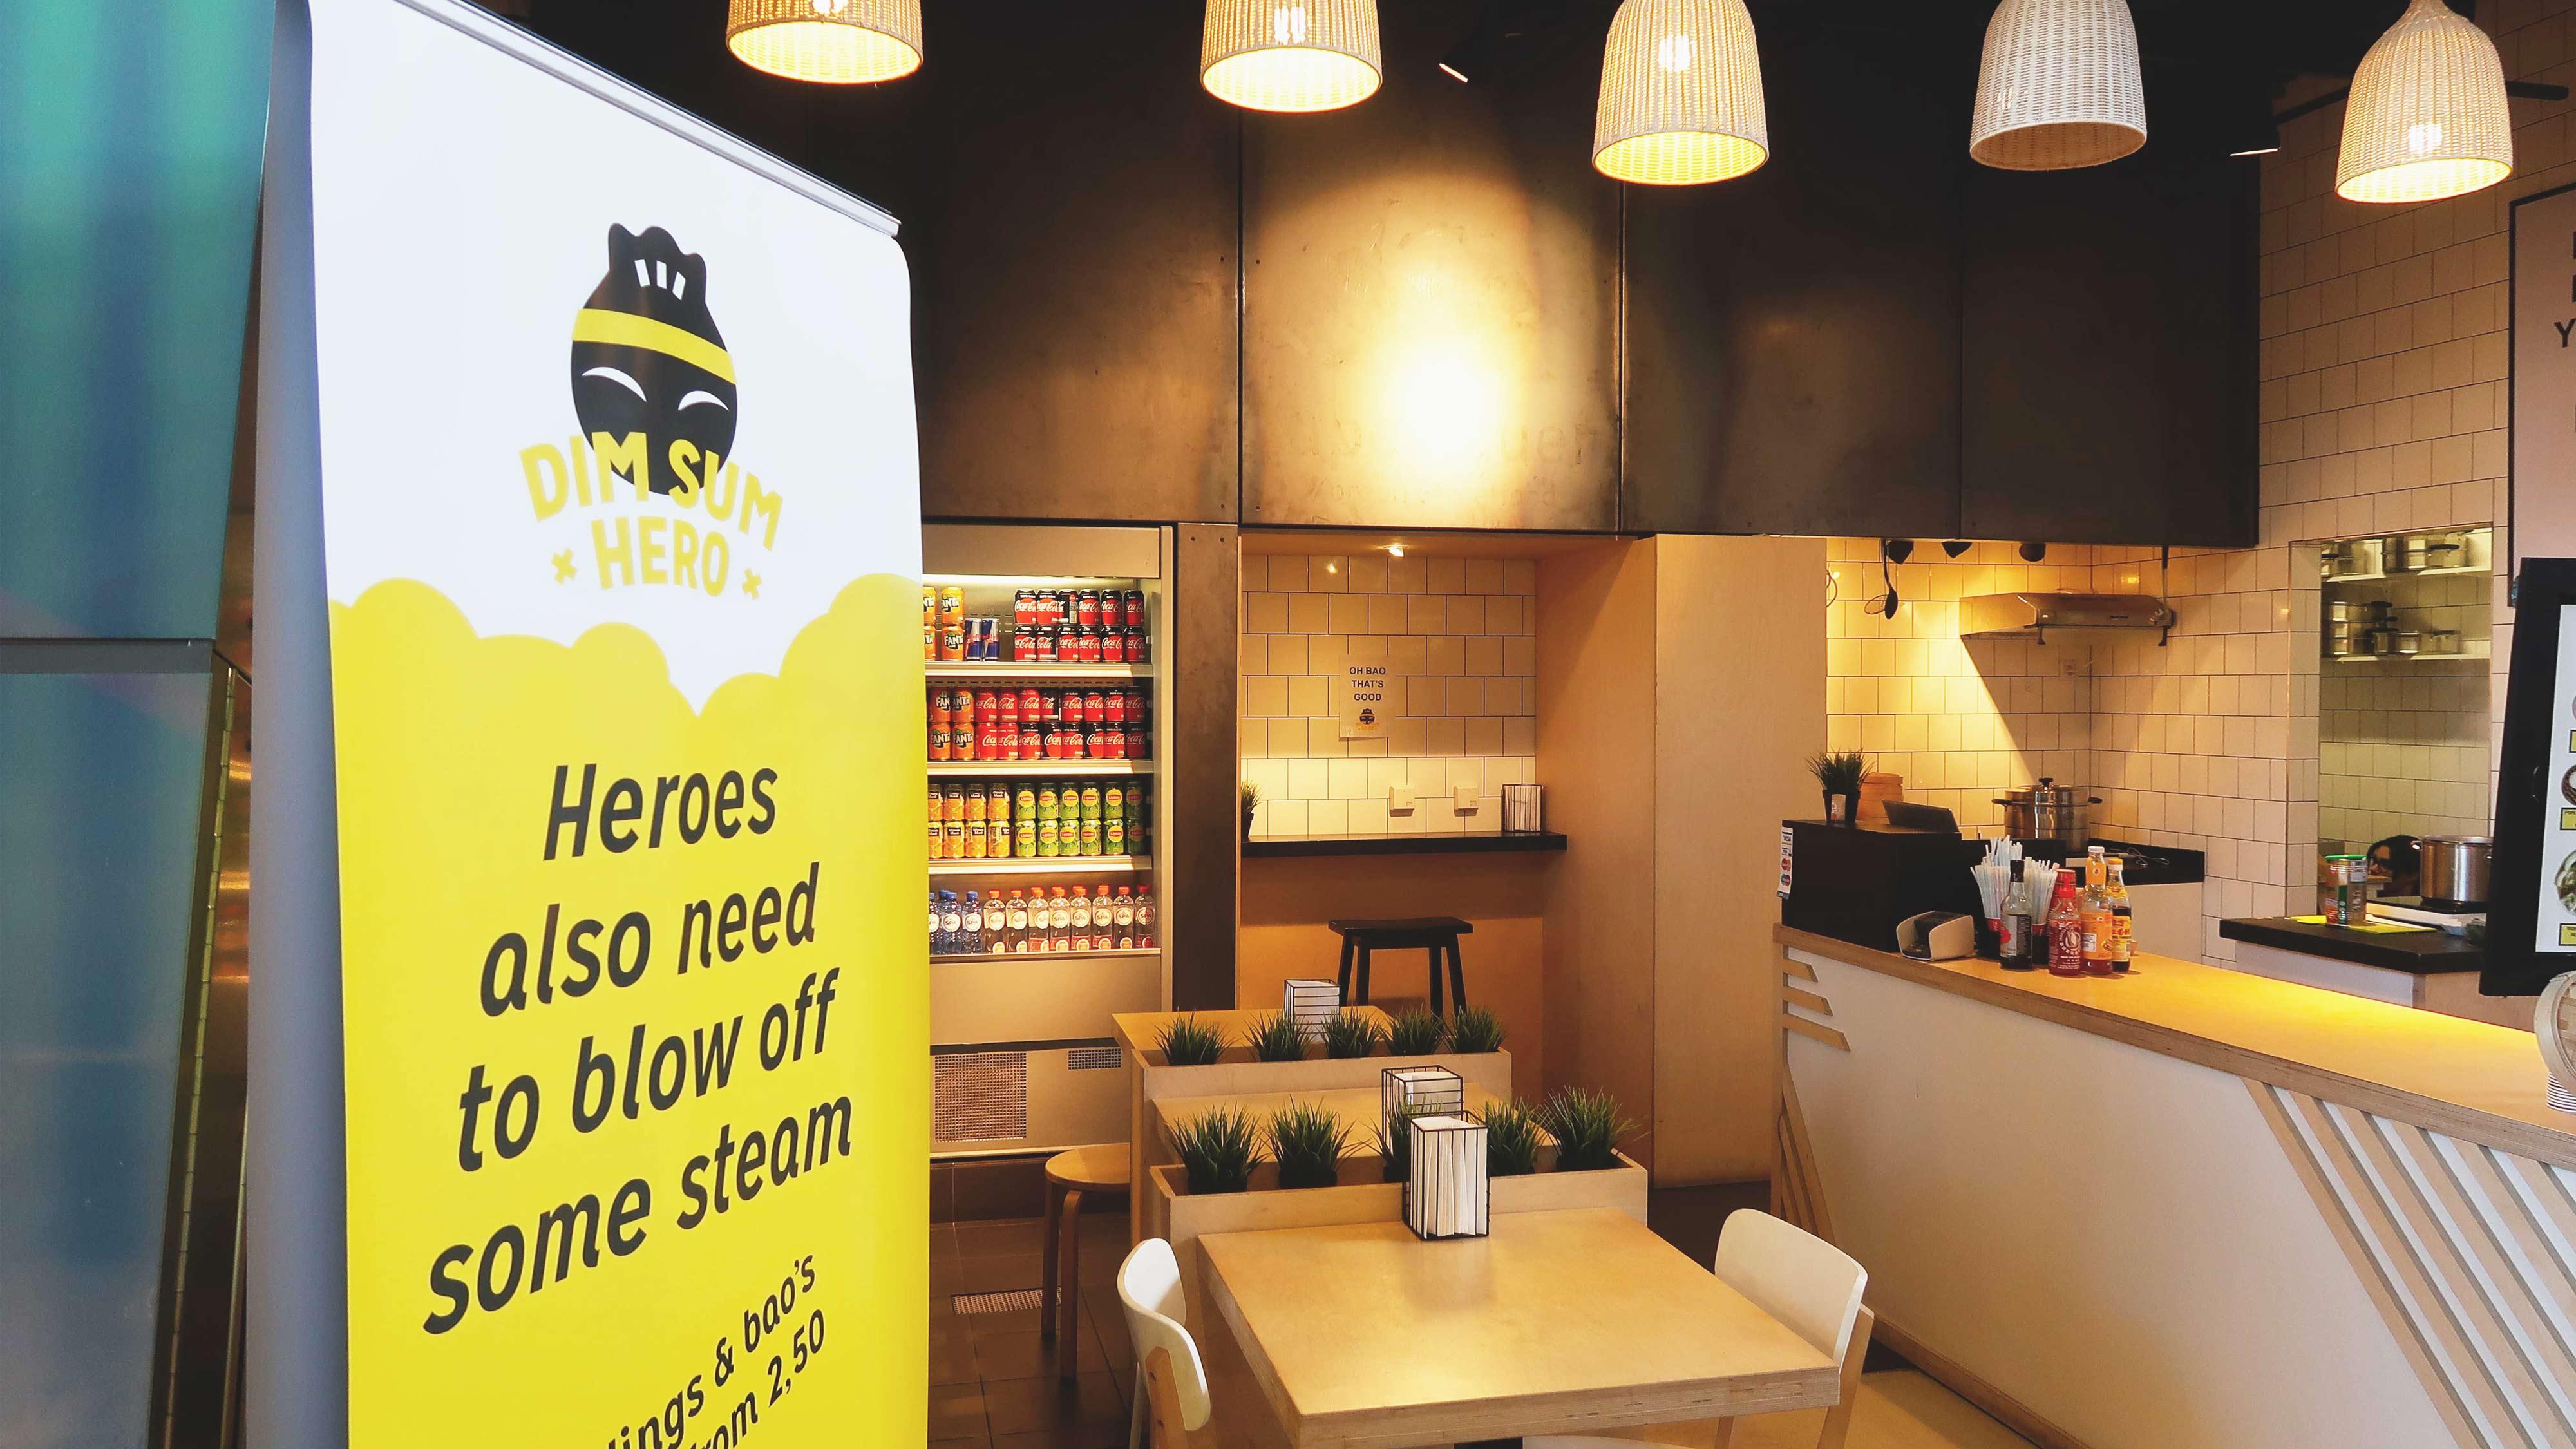 Dim Sum Hero, Mixus studio, interieur en banner